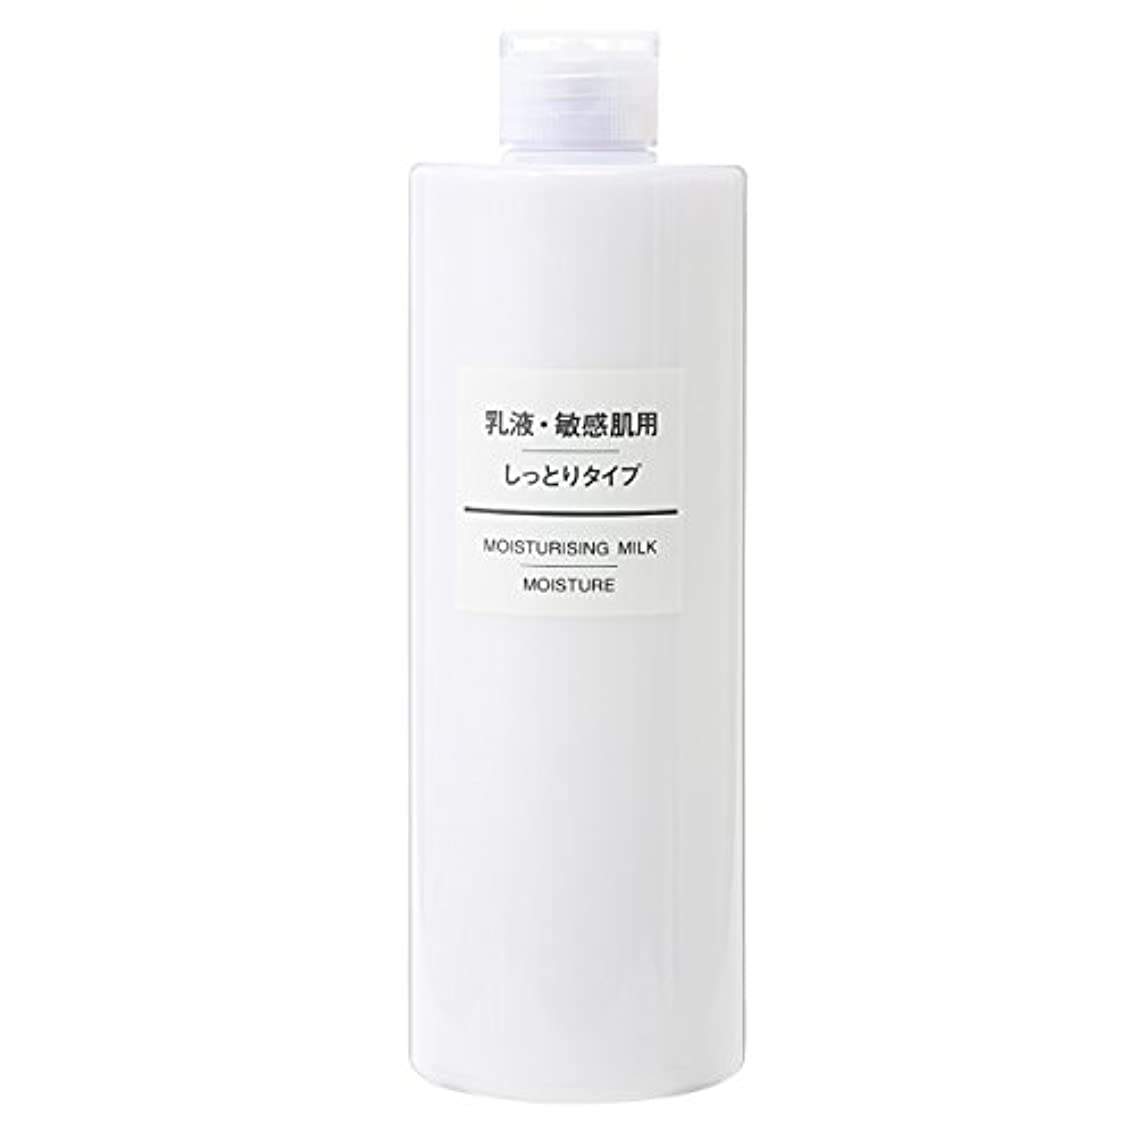 馬鹿咲くカポック無印良品 乳液 敏感肌用 しっとりタイプ (大容量)400ml